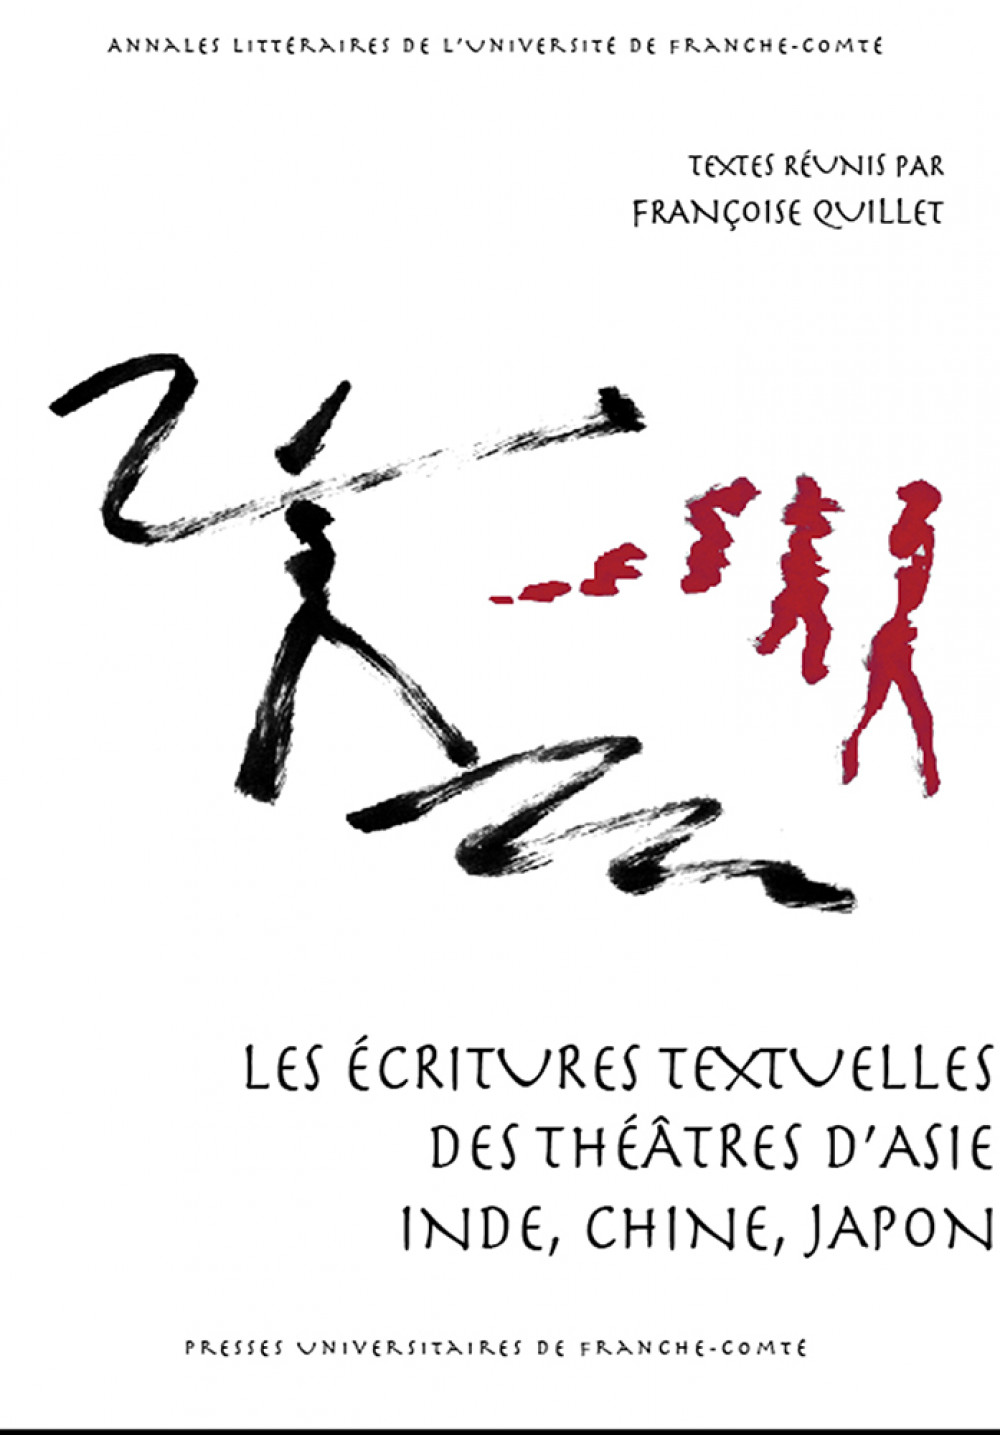 Les écritures textuelles des théâtres d'Asie